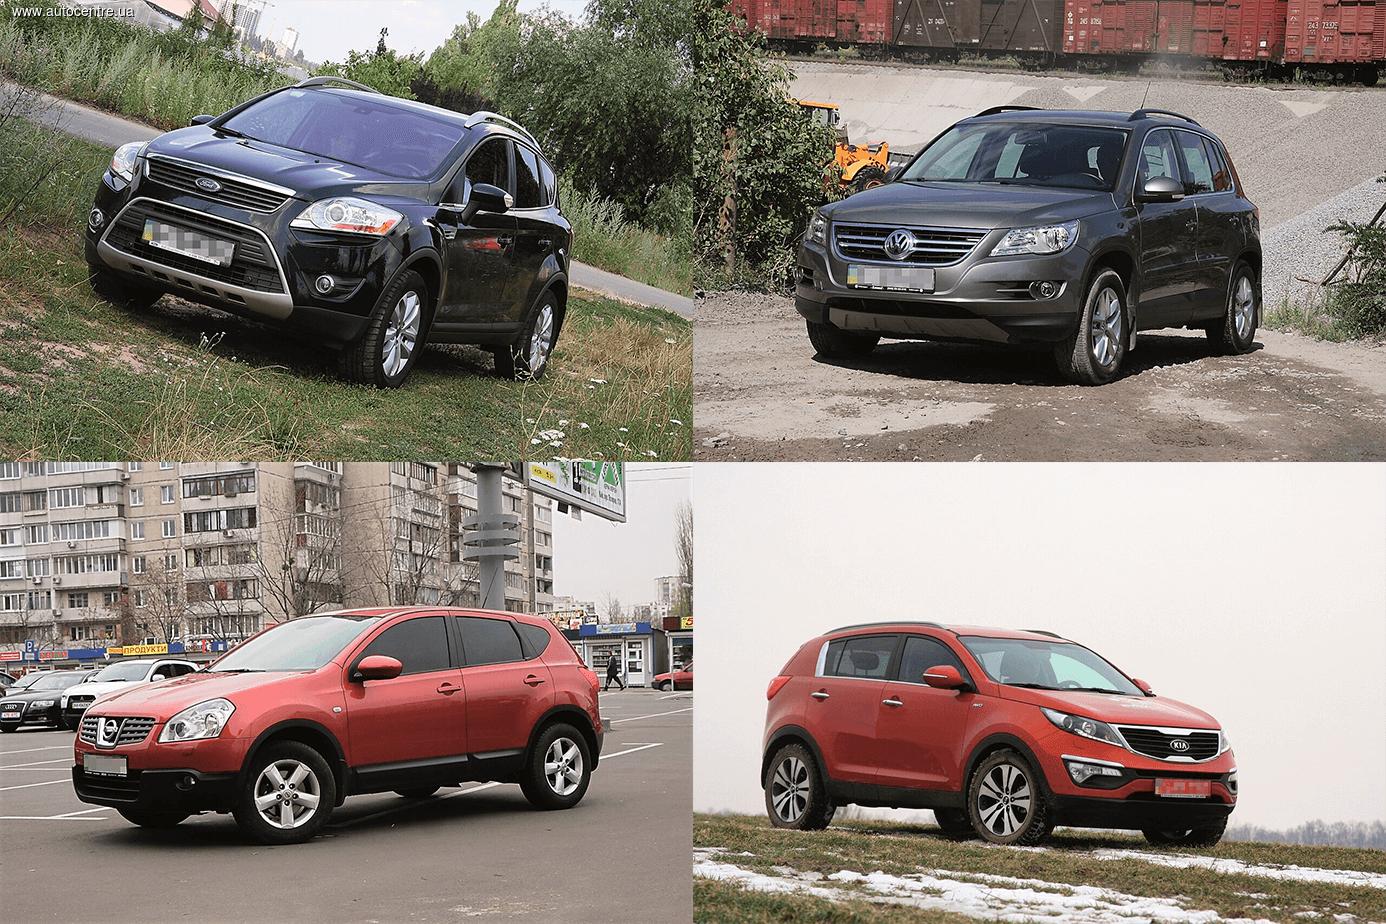 Сравнительный обзор б/у кроссоверов: Ford Kuga, Kia Sportage, Nissan Qashqai и VW Tiguan